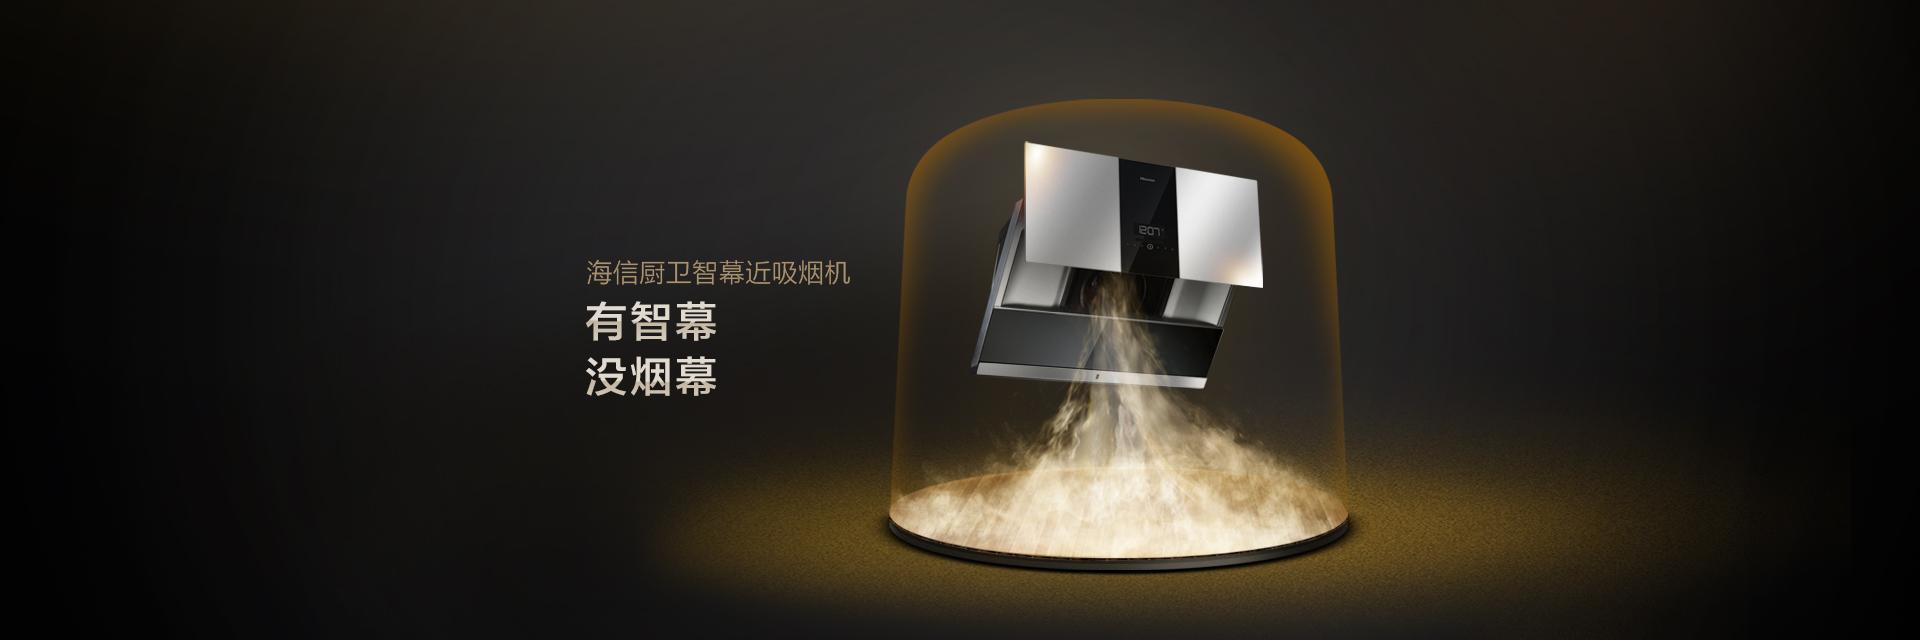 最新智能体感吸油烟机X7